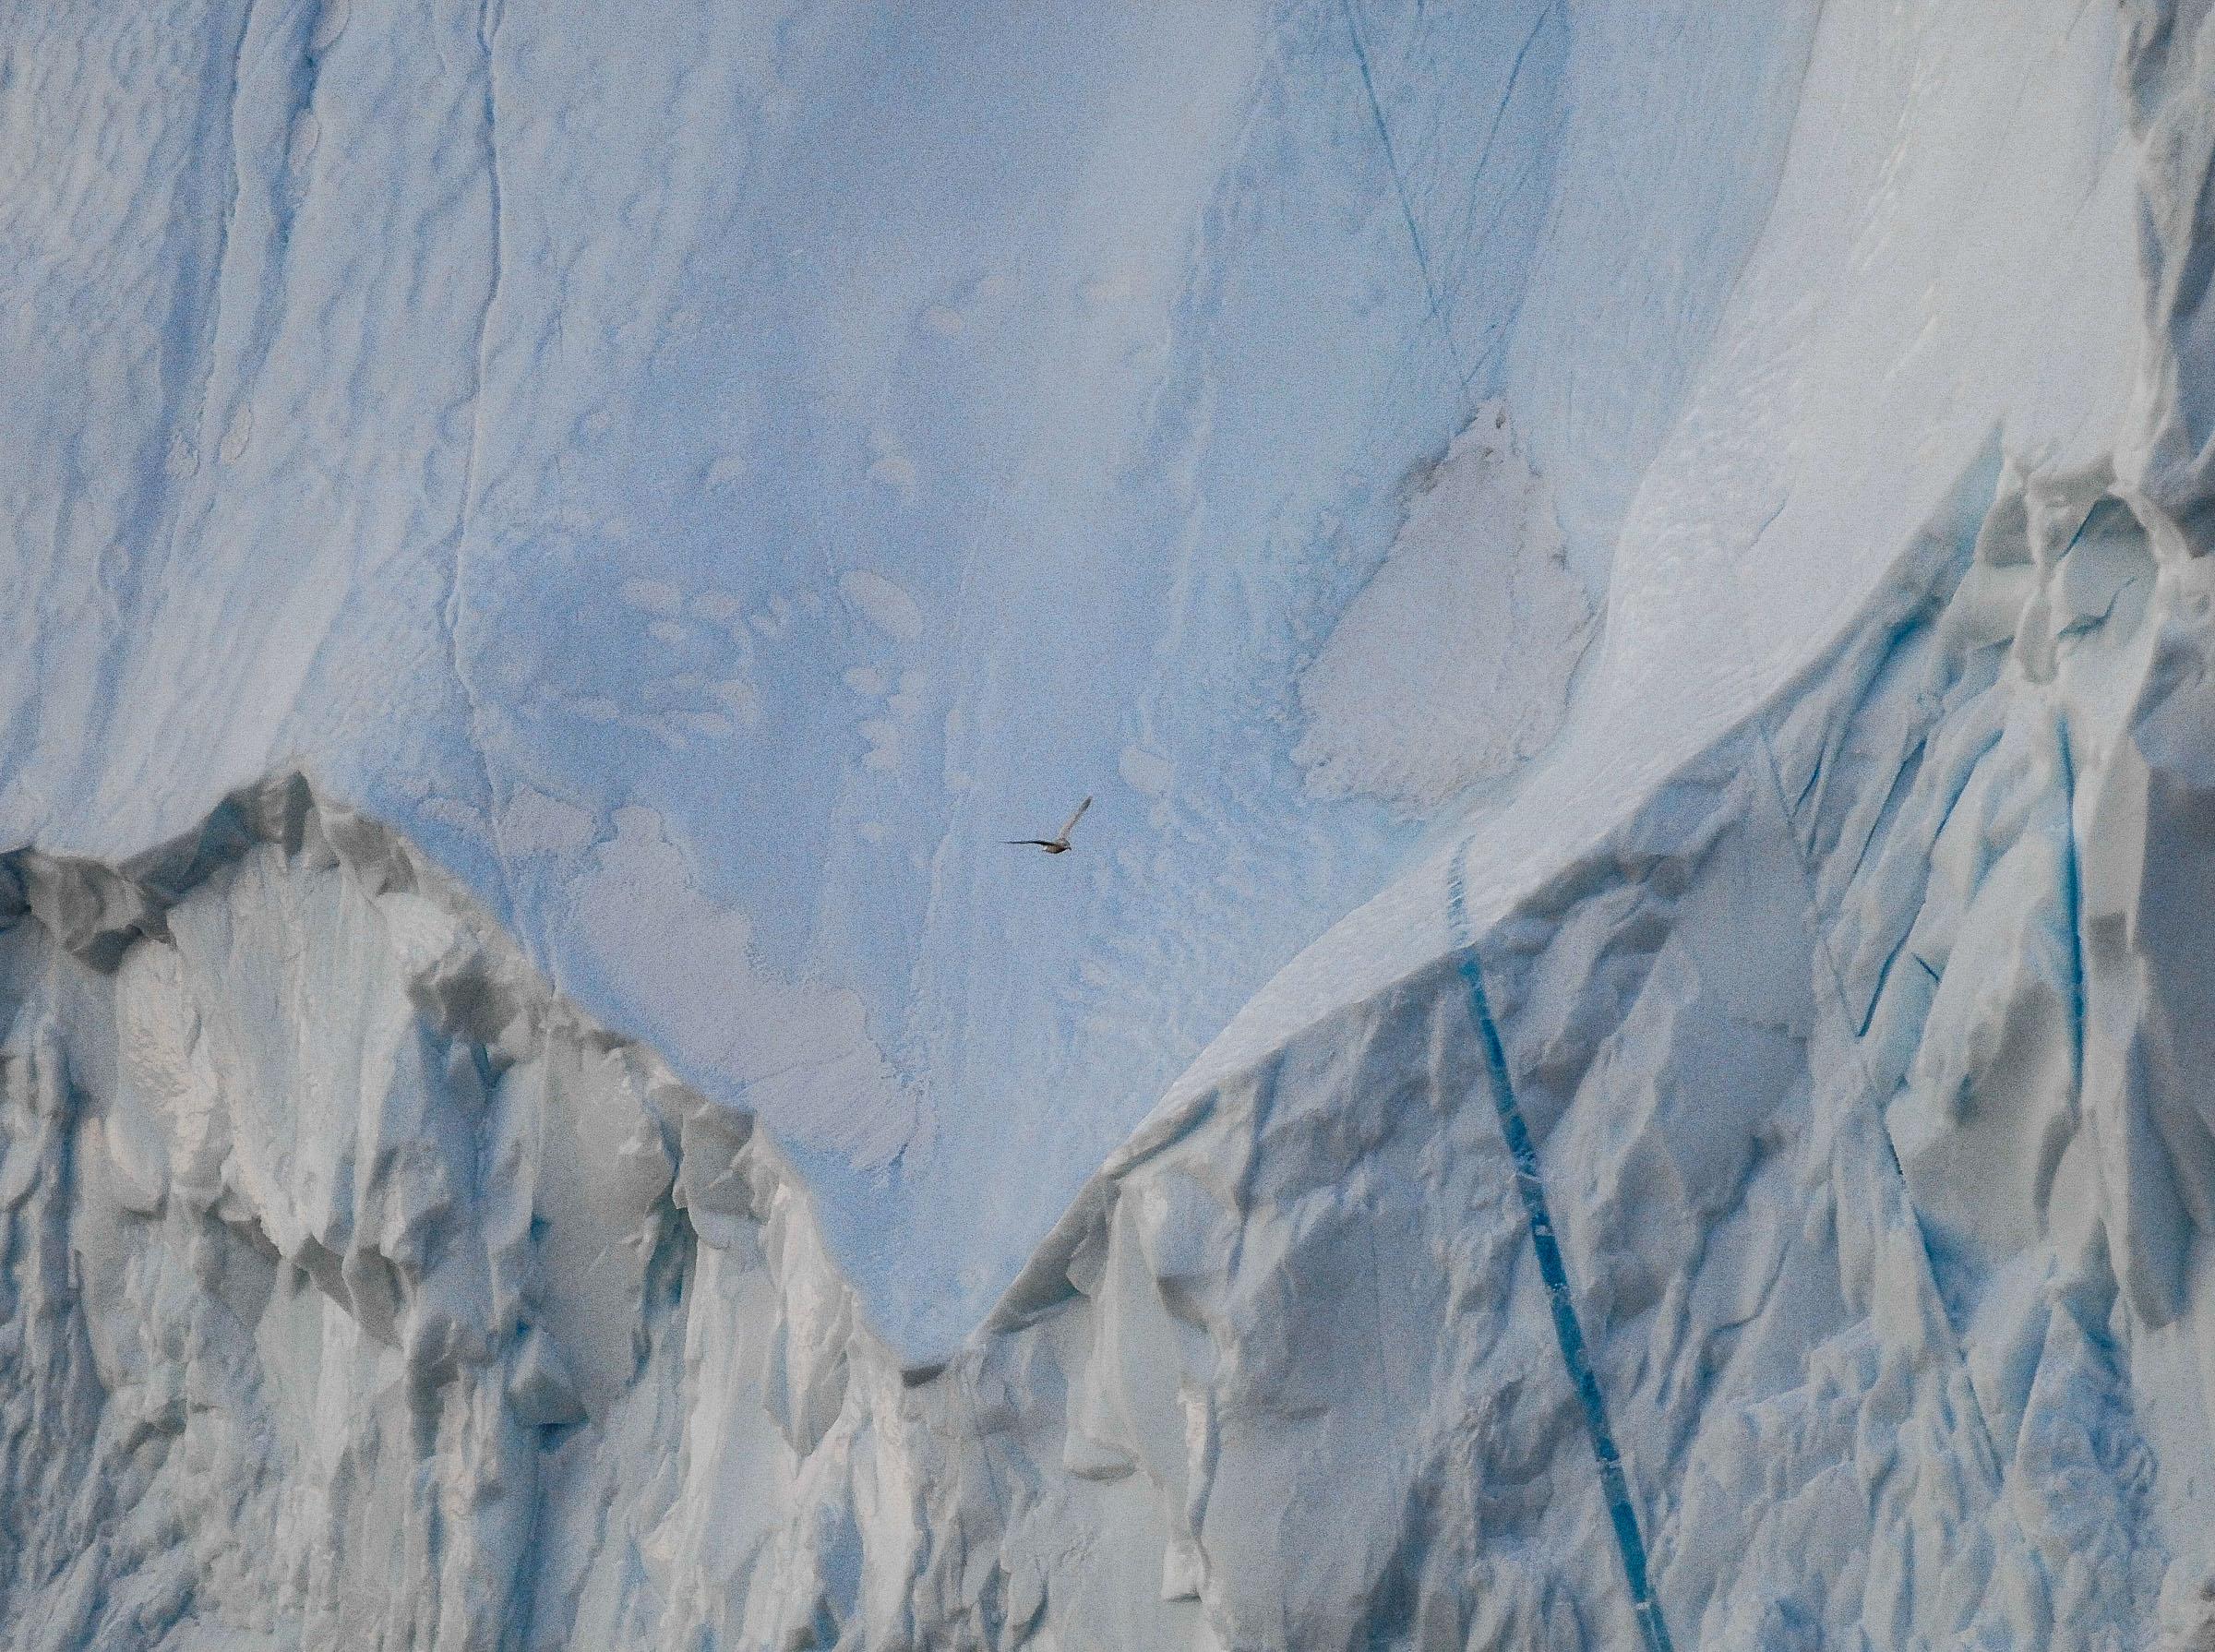 Ilulissat travel JONAA ©Kristjan Fridriksson-0865.jpg